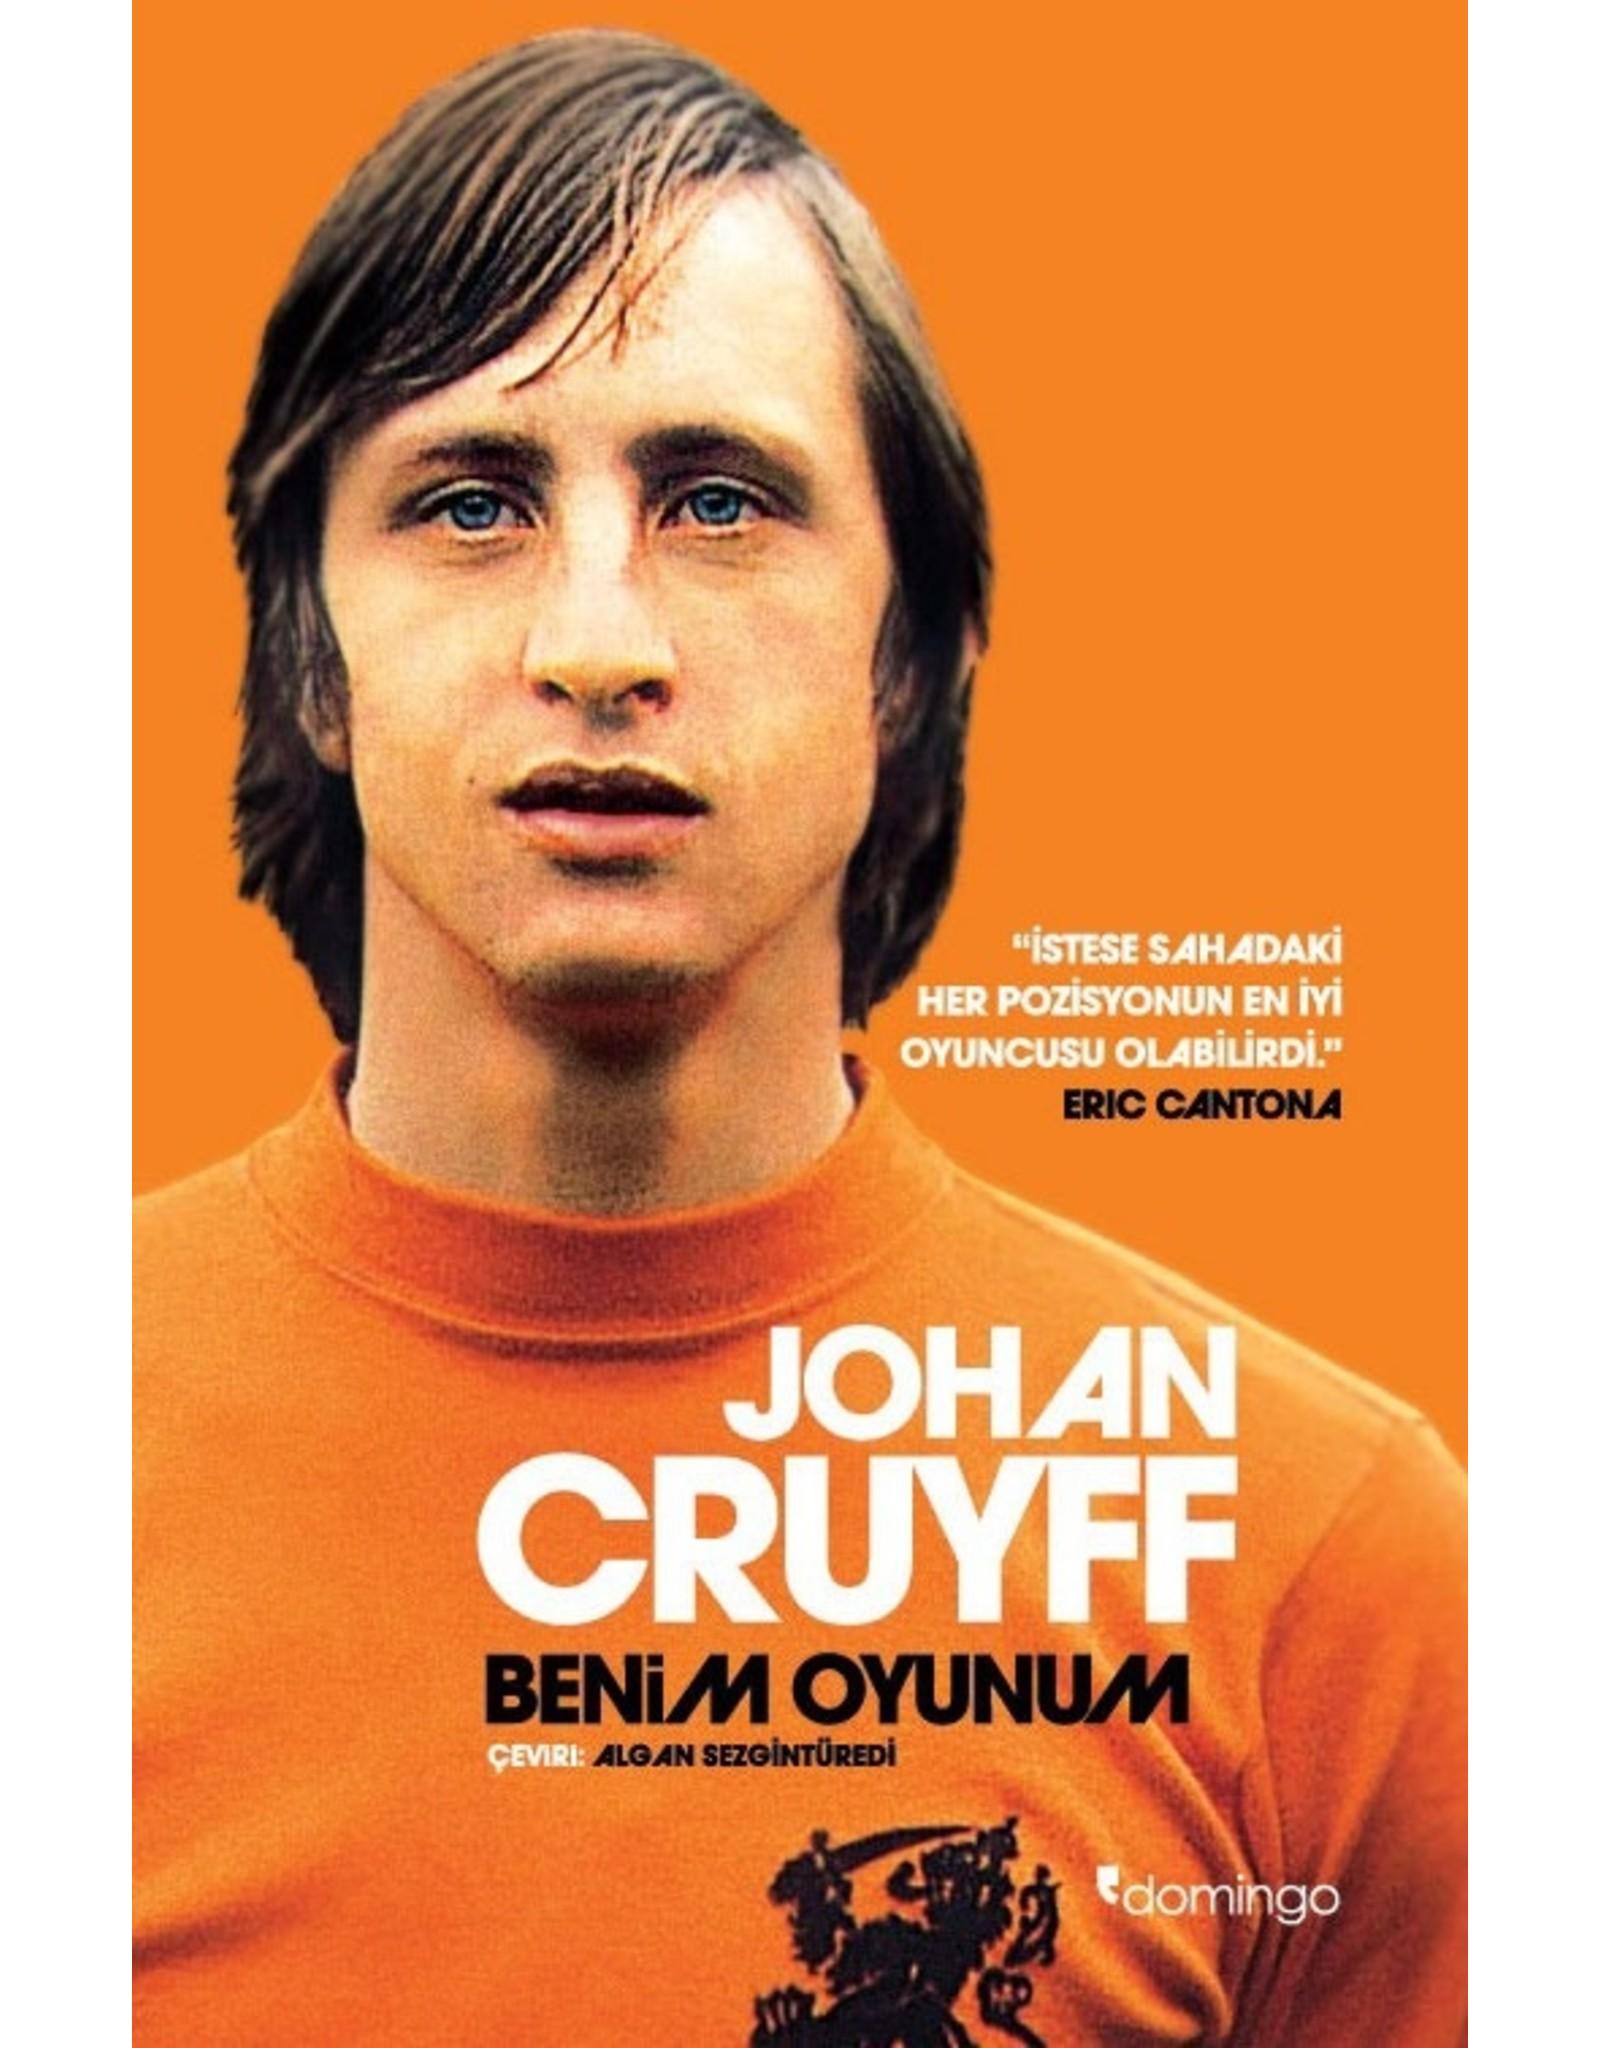 Johan Cruyff Benim Oyunum